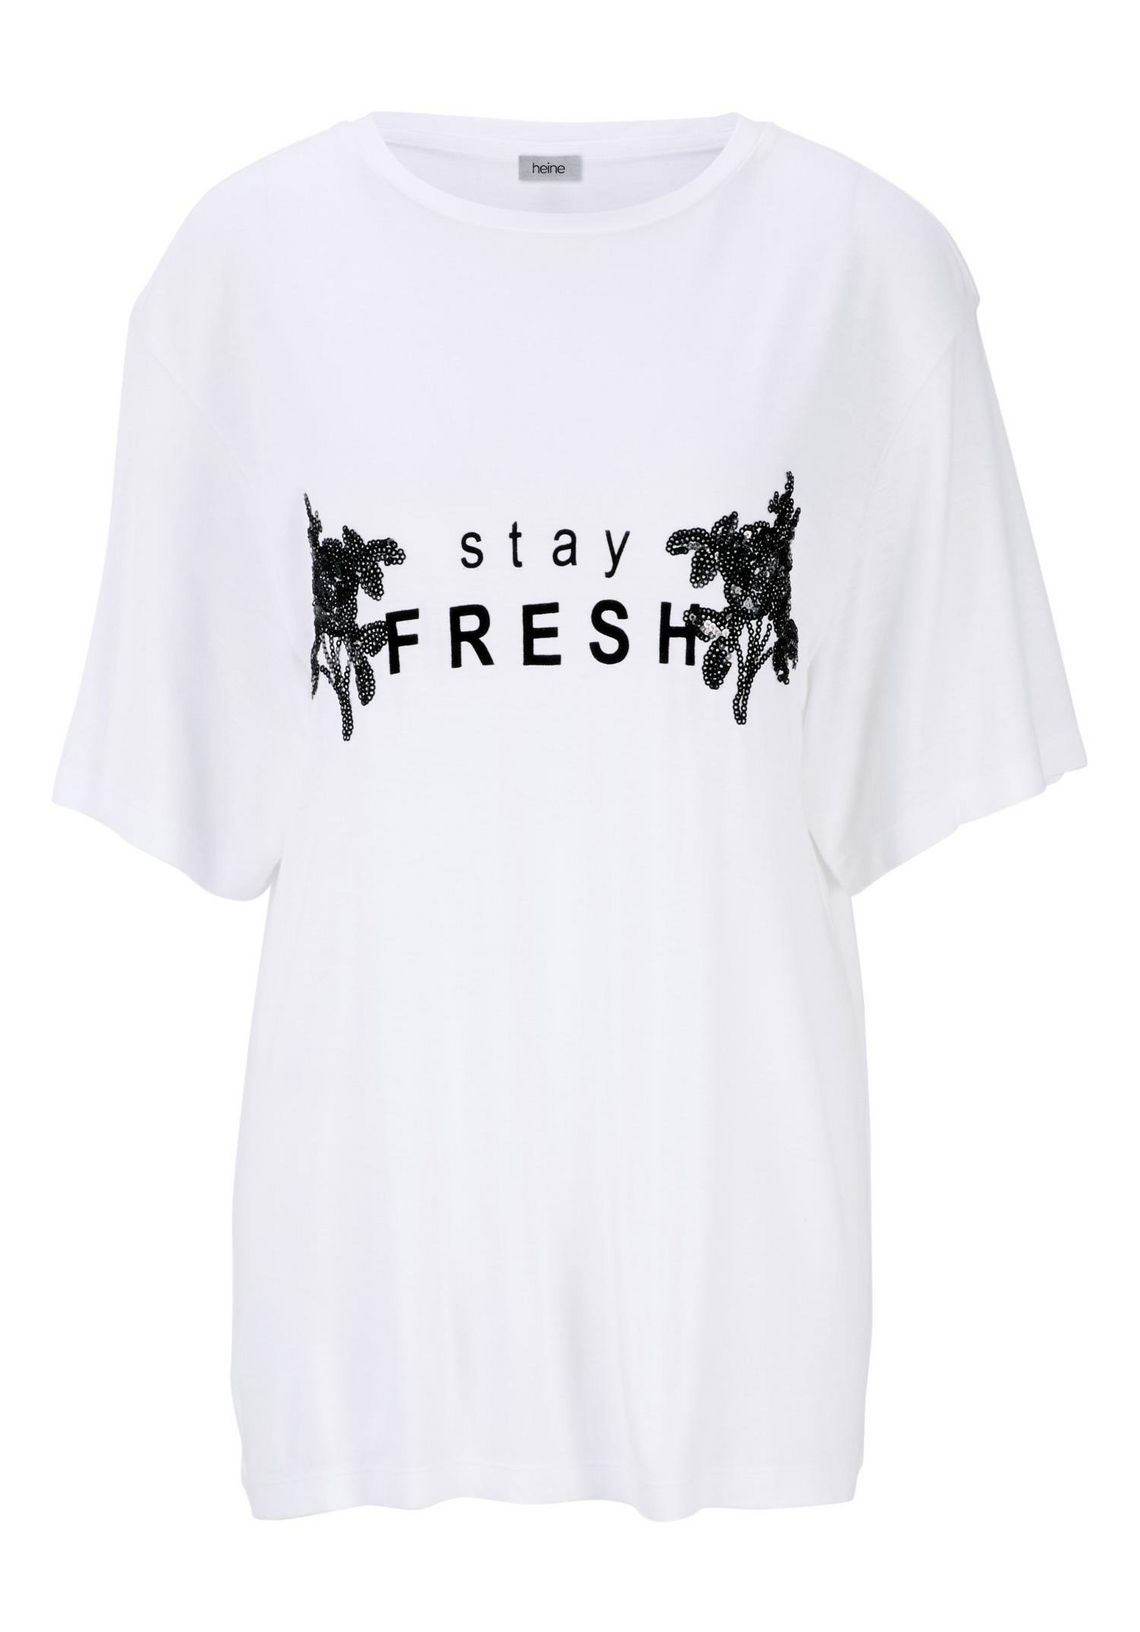 Shirt Online Kopen Wit nVhO0Bcx